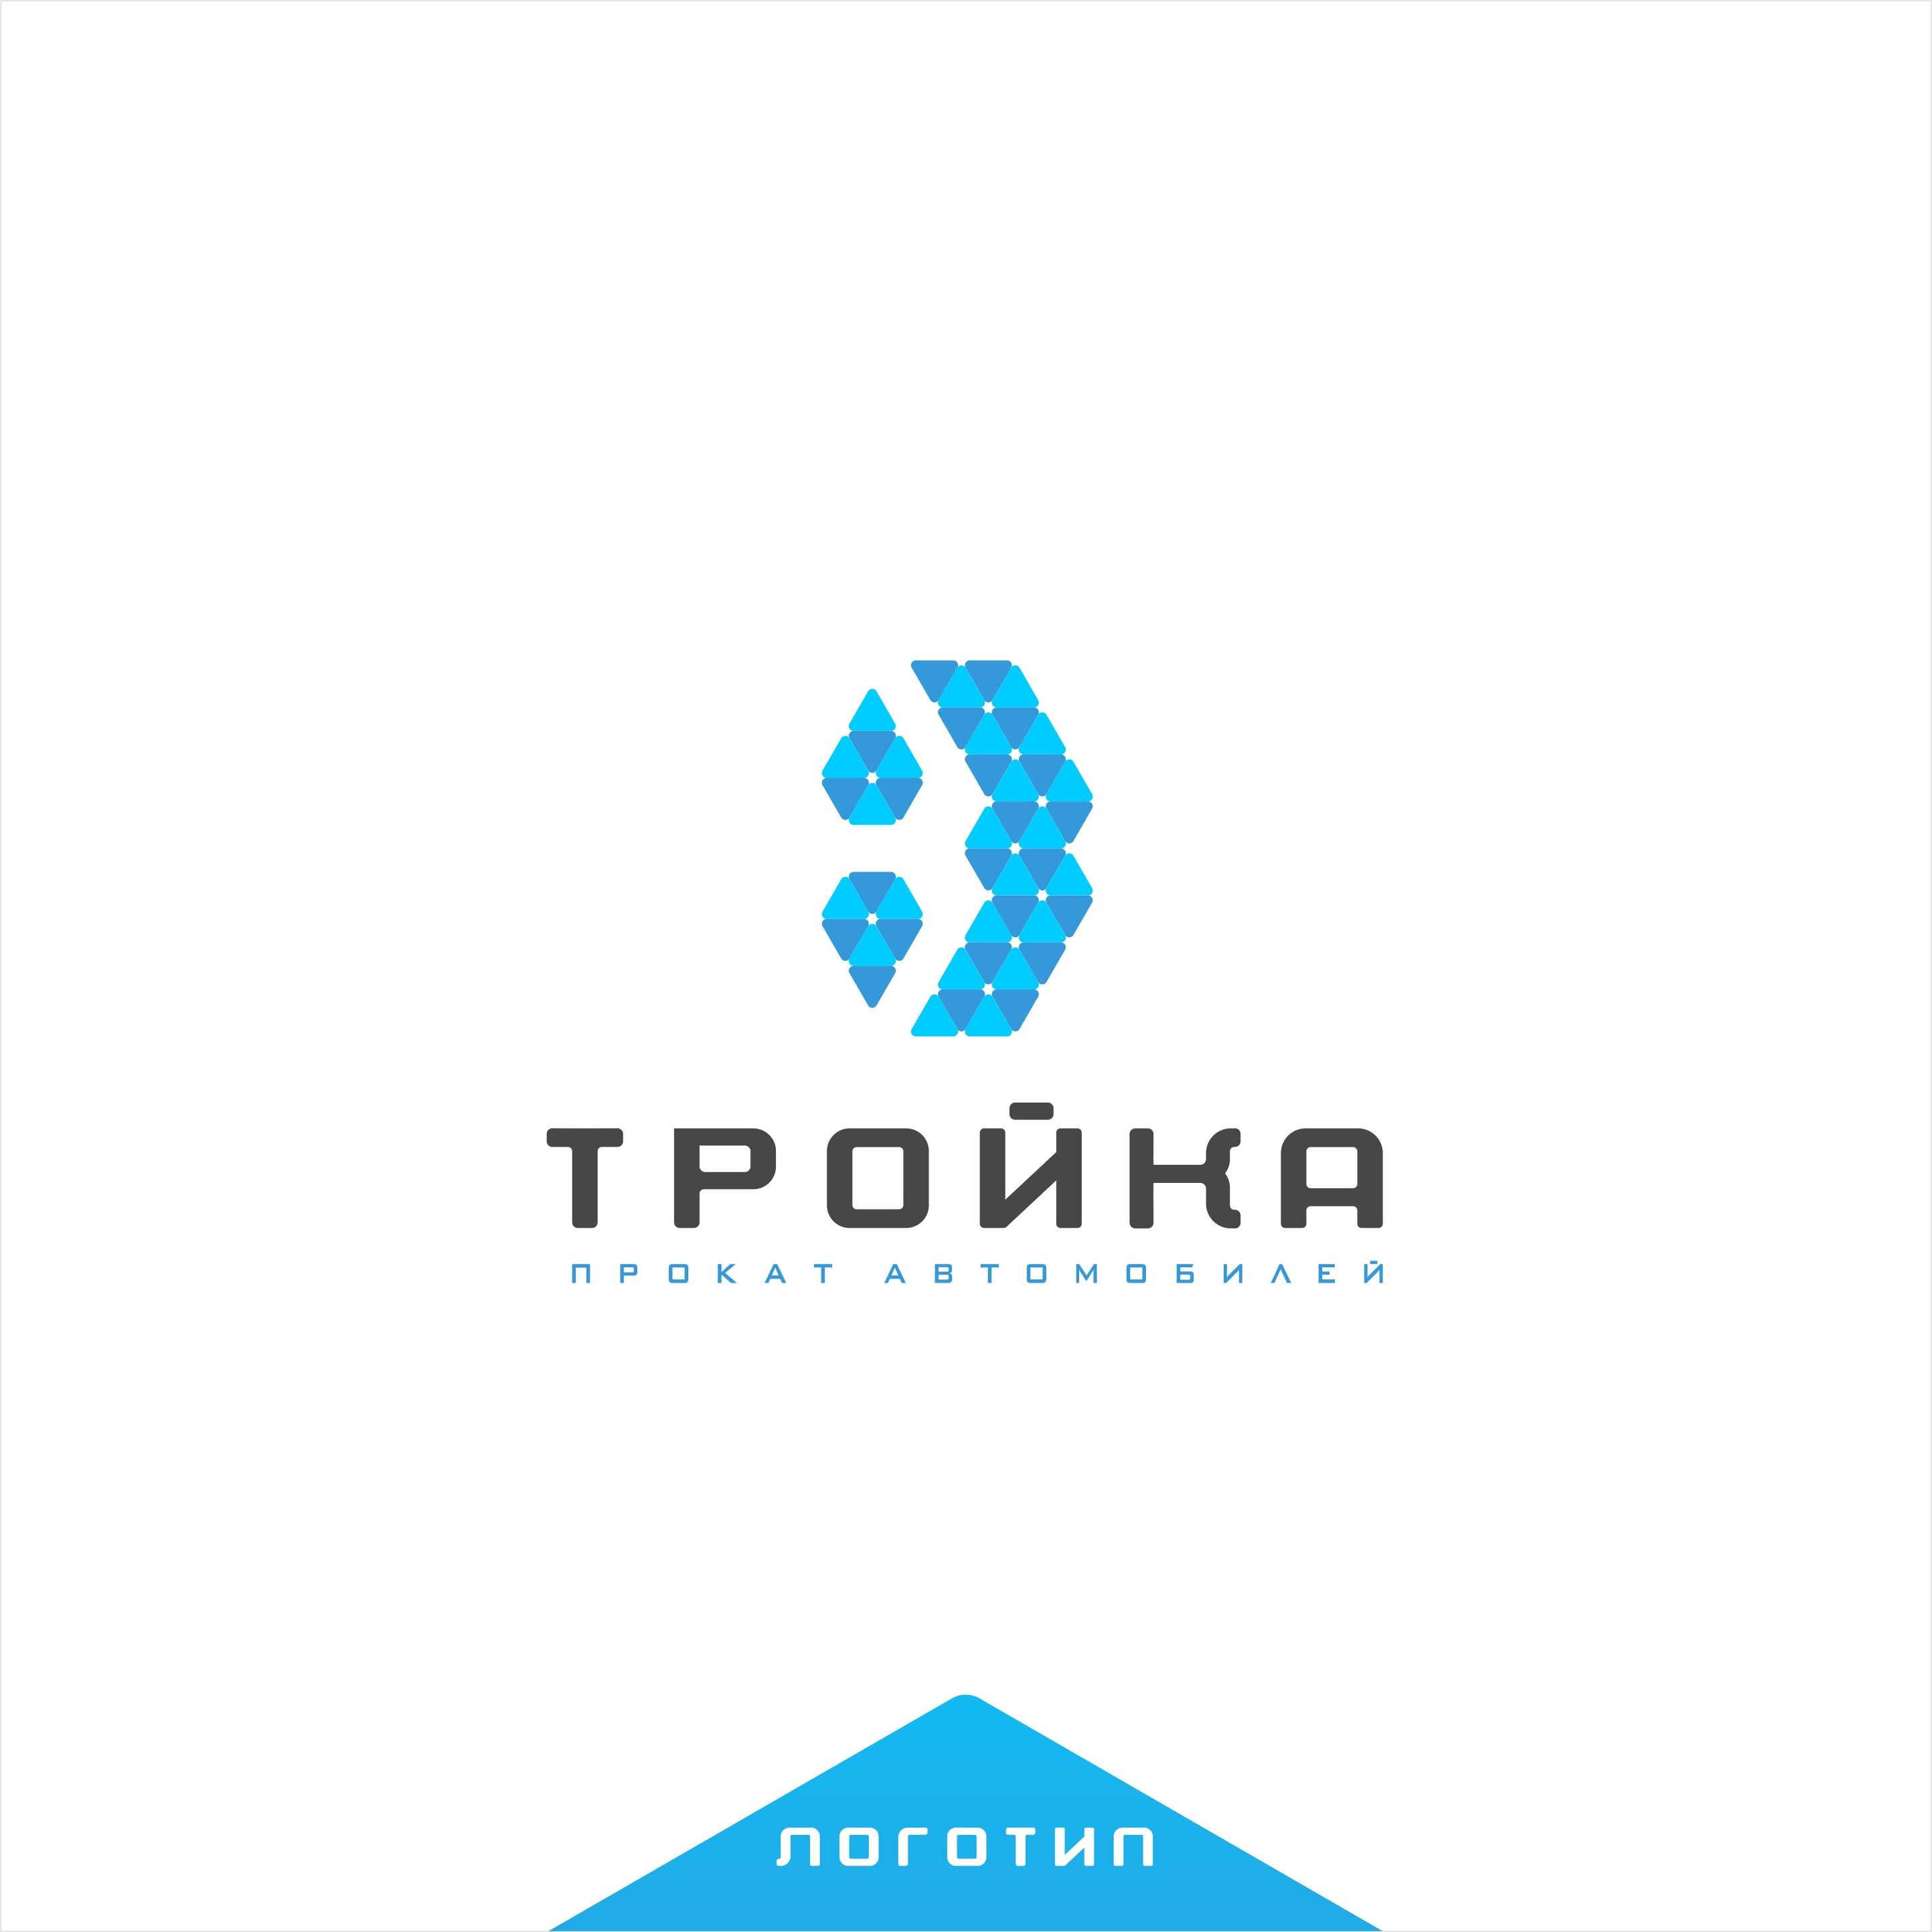 Логотип для компании проката автомобилей - дизайнер smithy-style